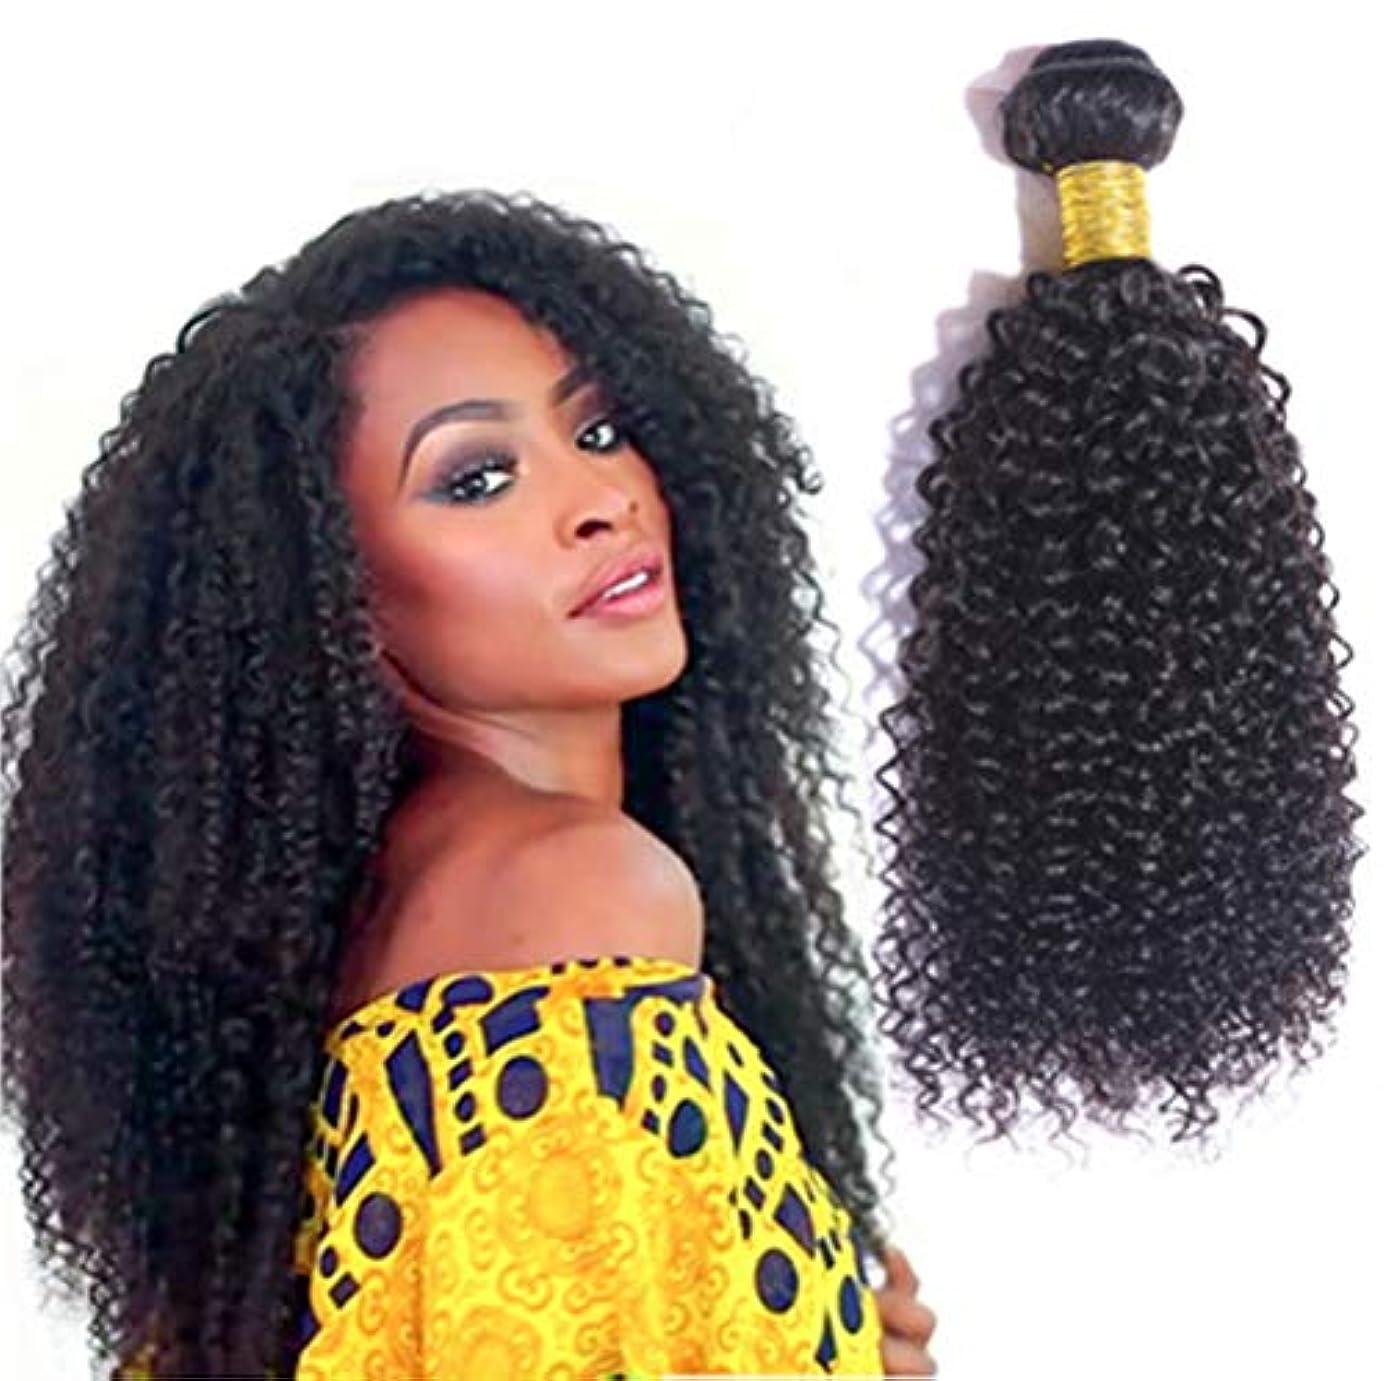 仕事前任者追記女性ブラジル水波ヘアバンドル100%未処理のバージンレミー人間の毛髪延長3バンドル変態カーリーヘア織り